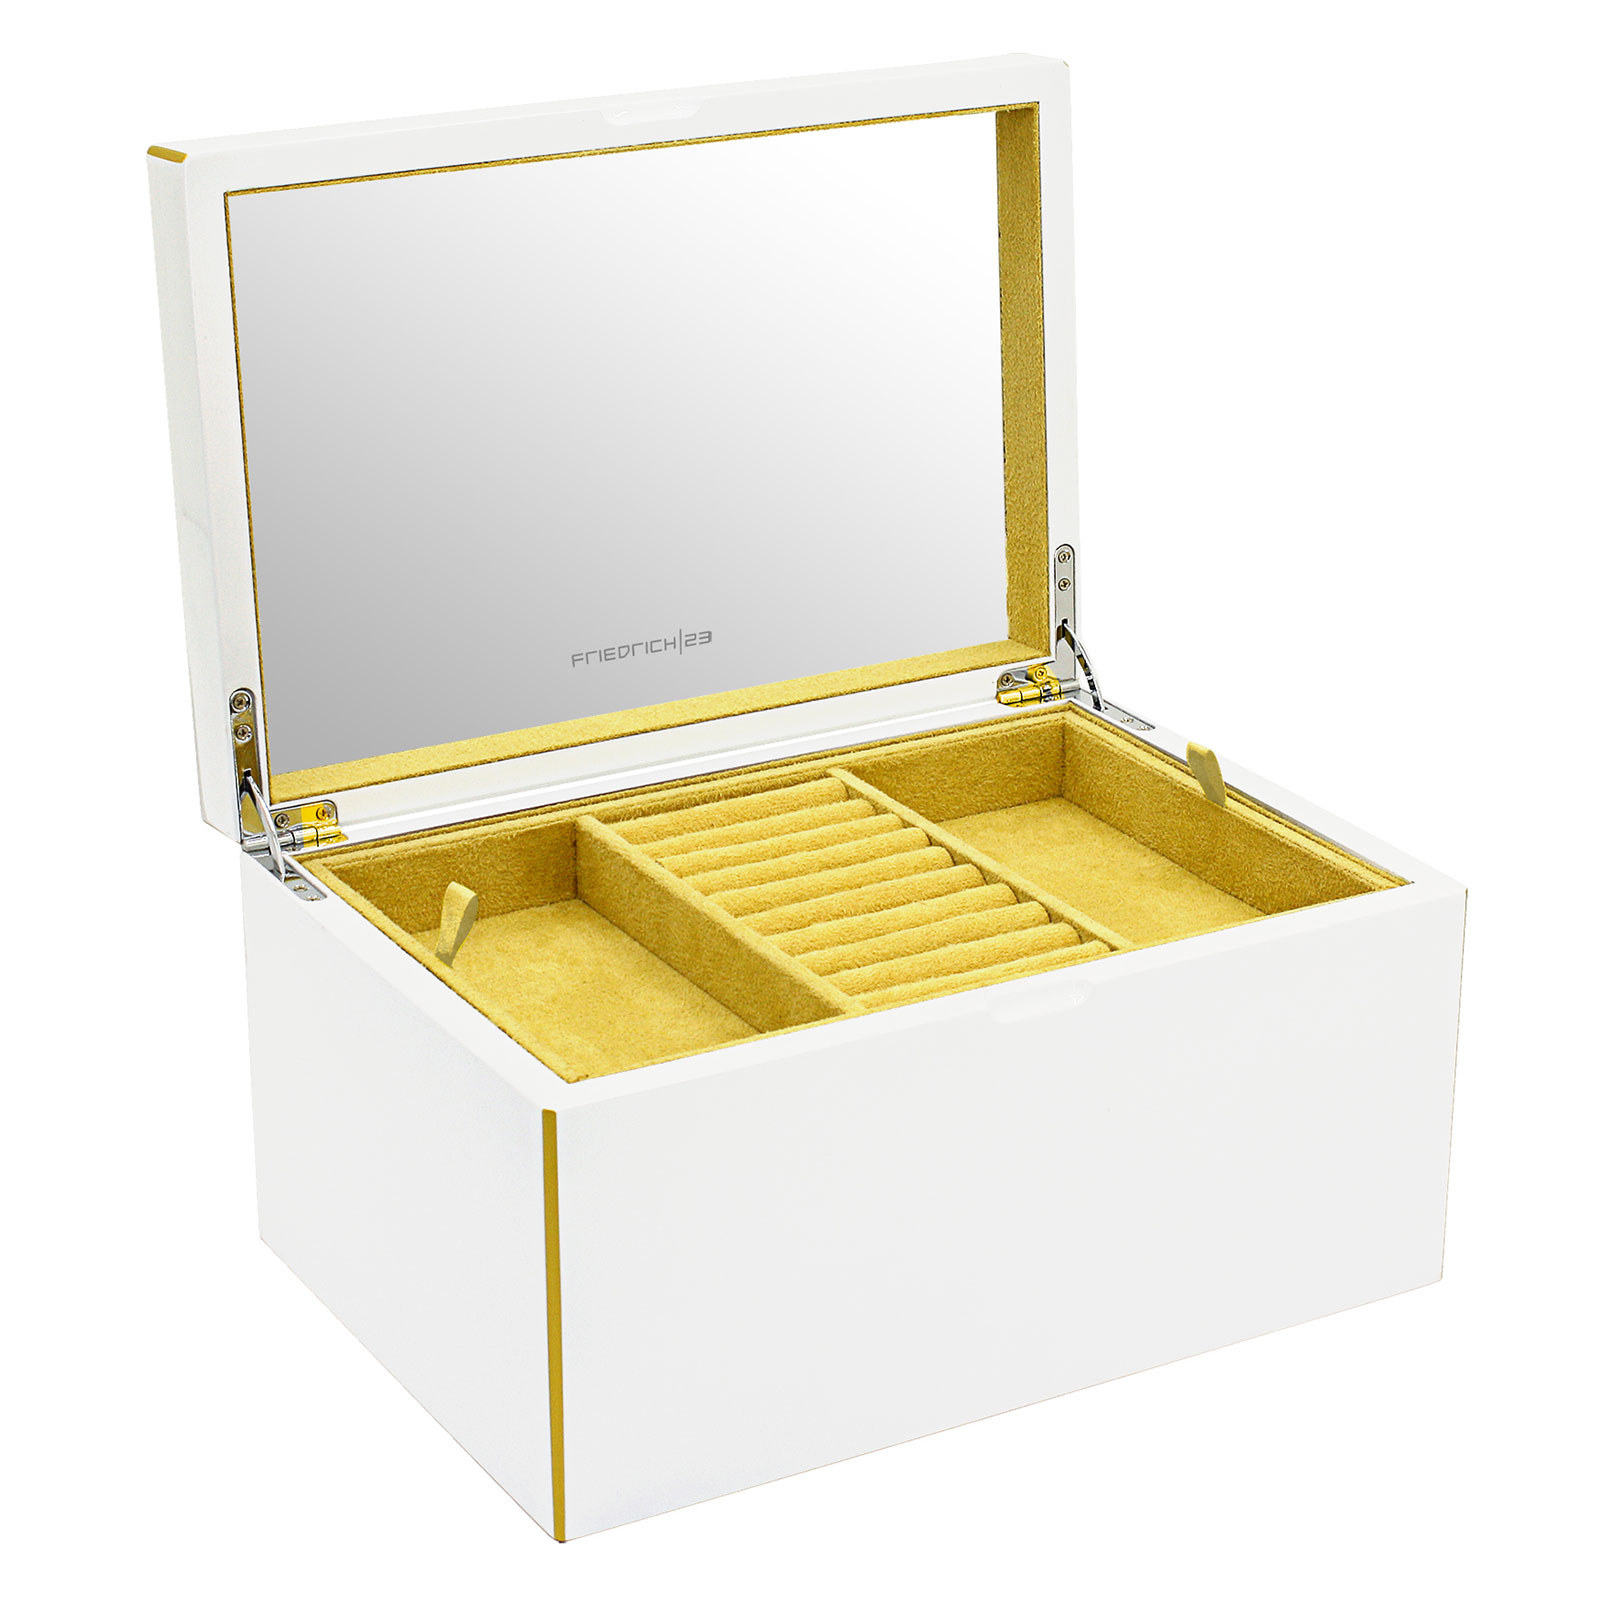 Friedrich|23 Keep Calm Schmuckkoffer groß aus Holz - Weiß 28001-1